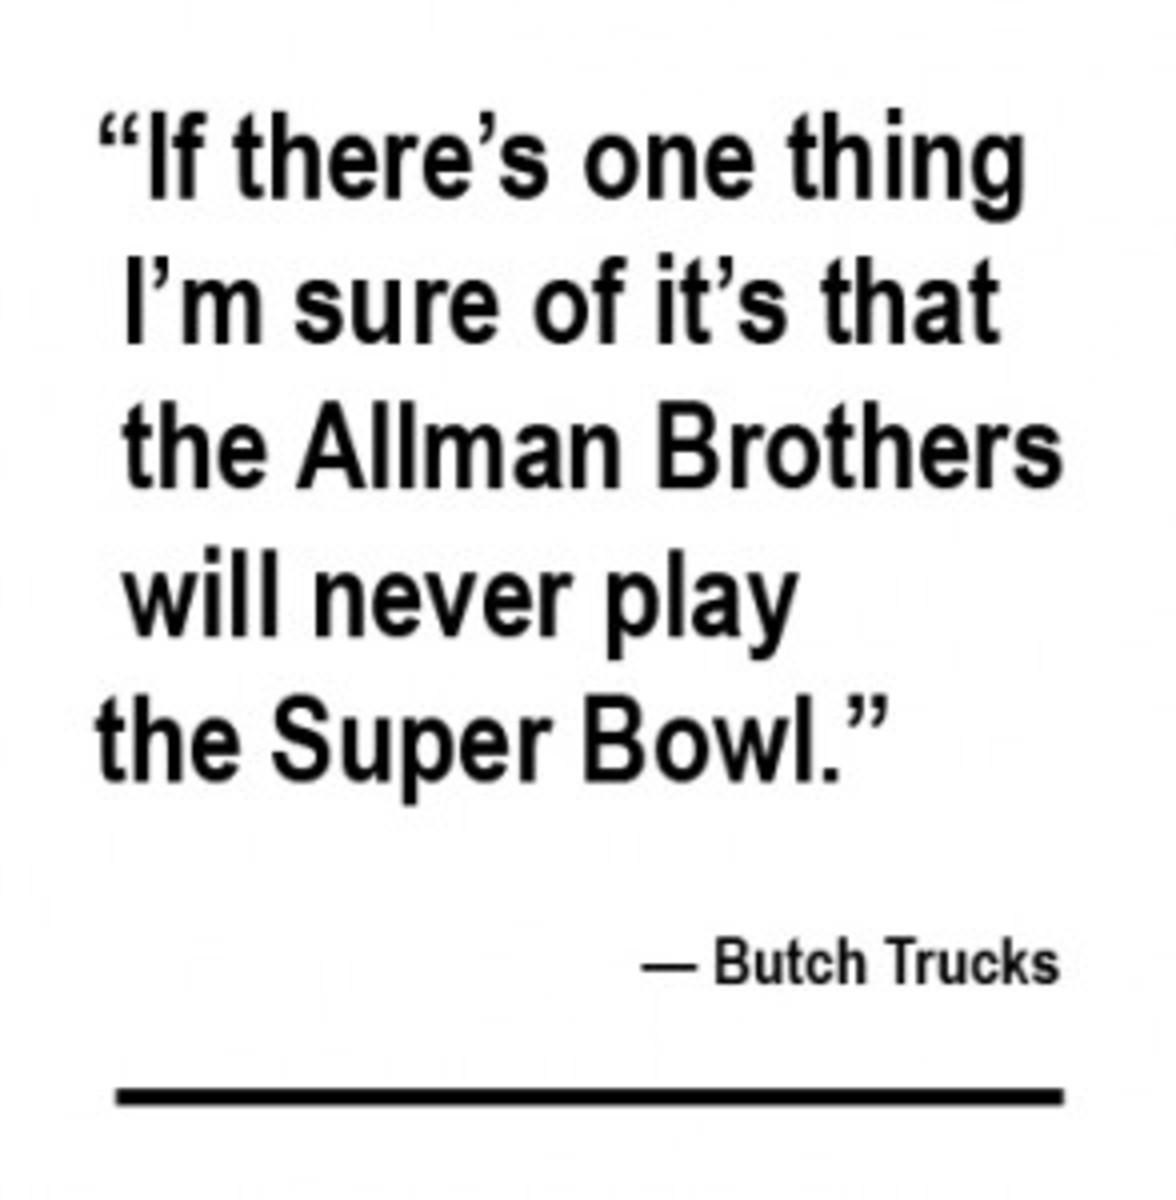 Butch Trucksquote